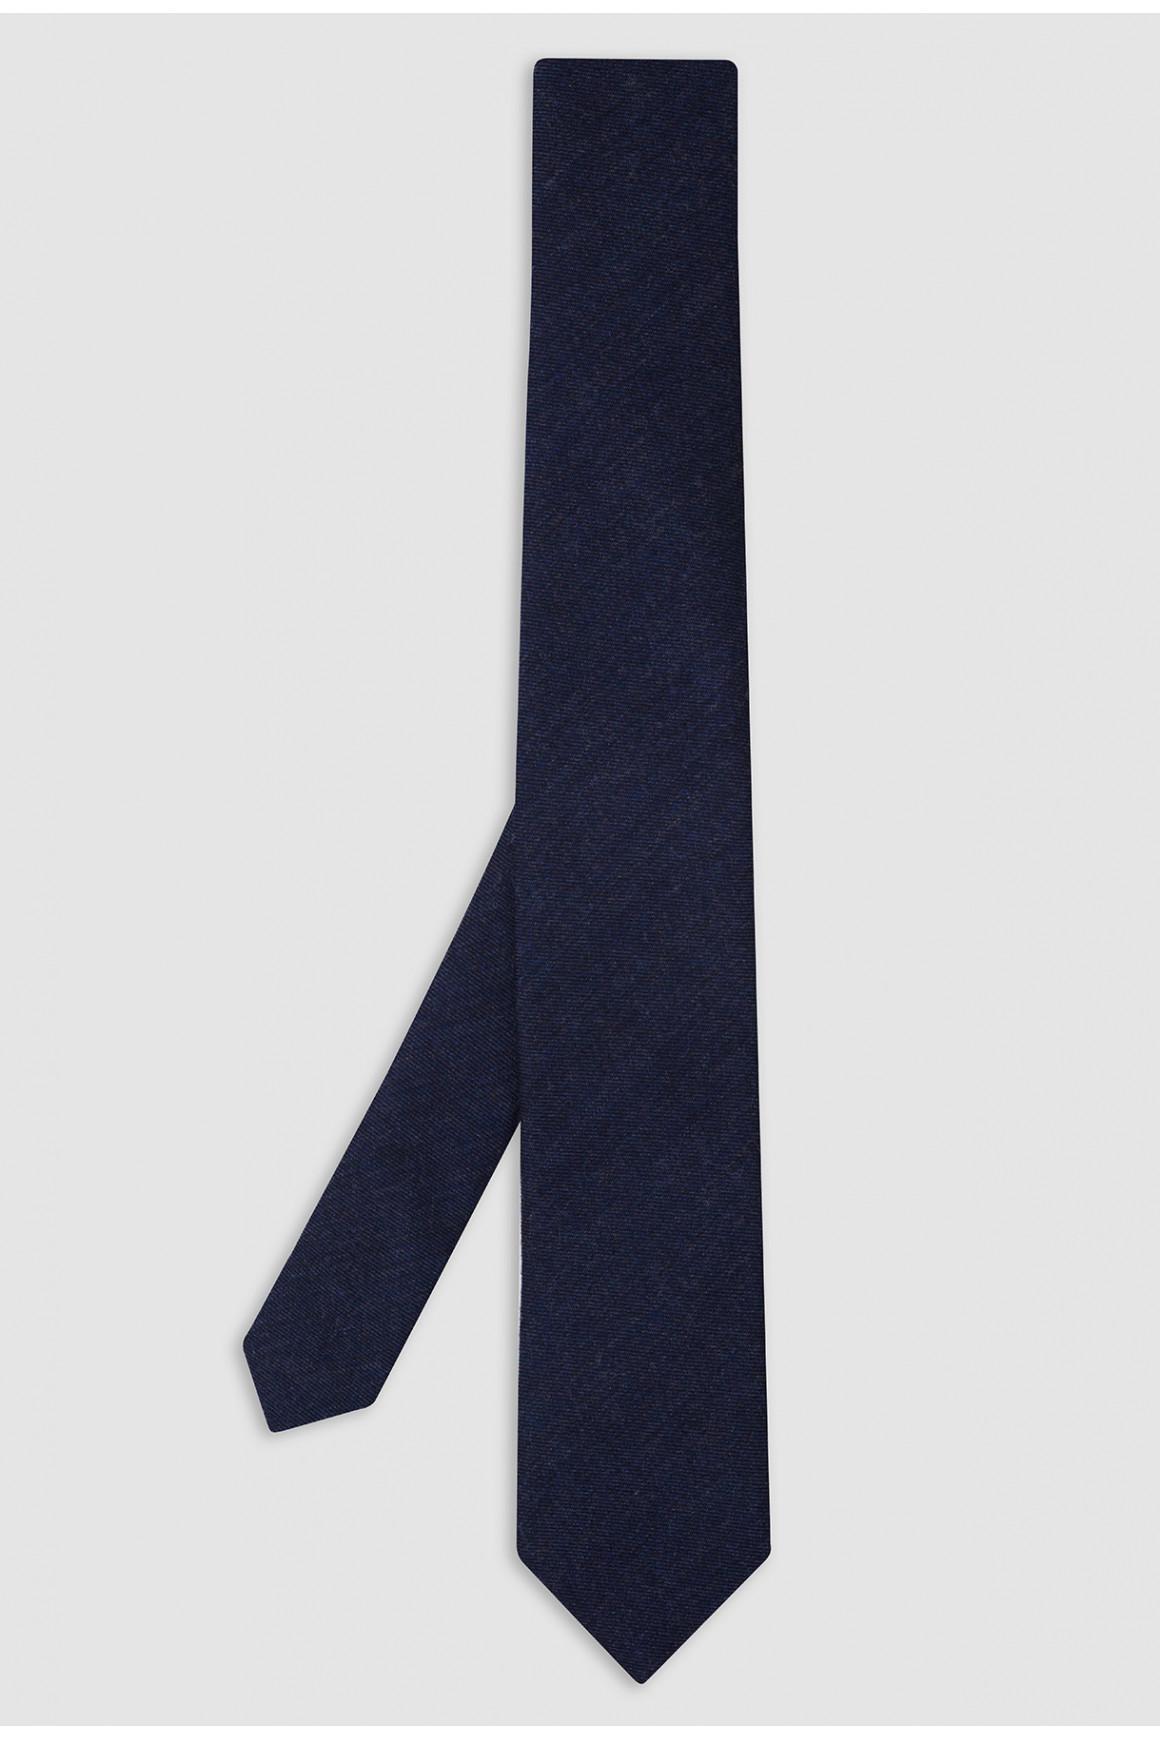 Cravate Marine Laine Et Soie